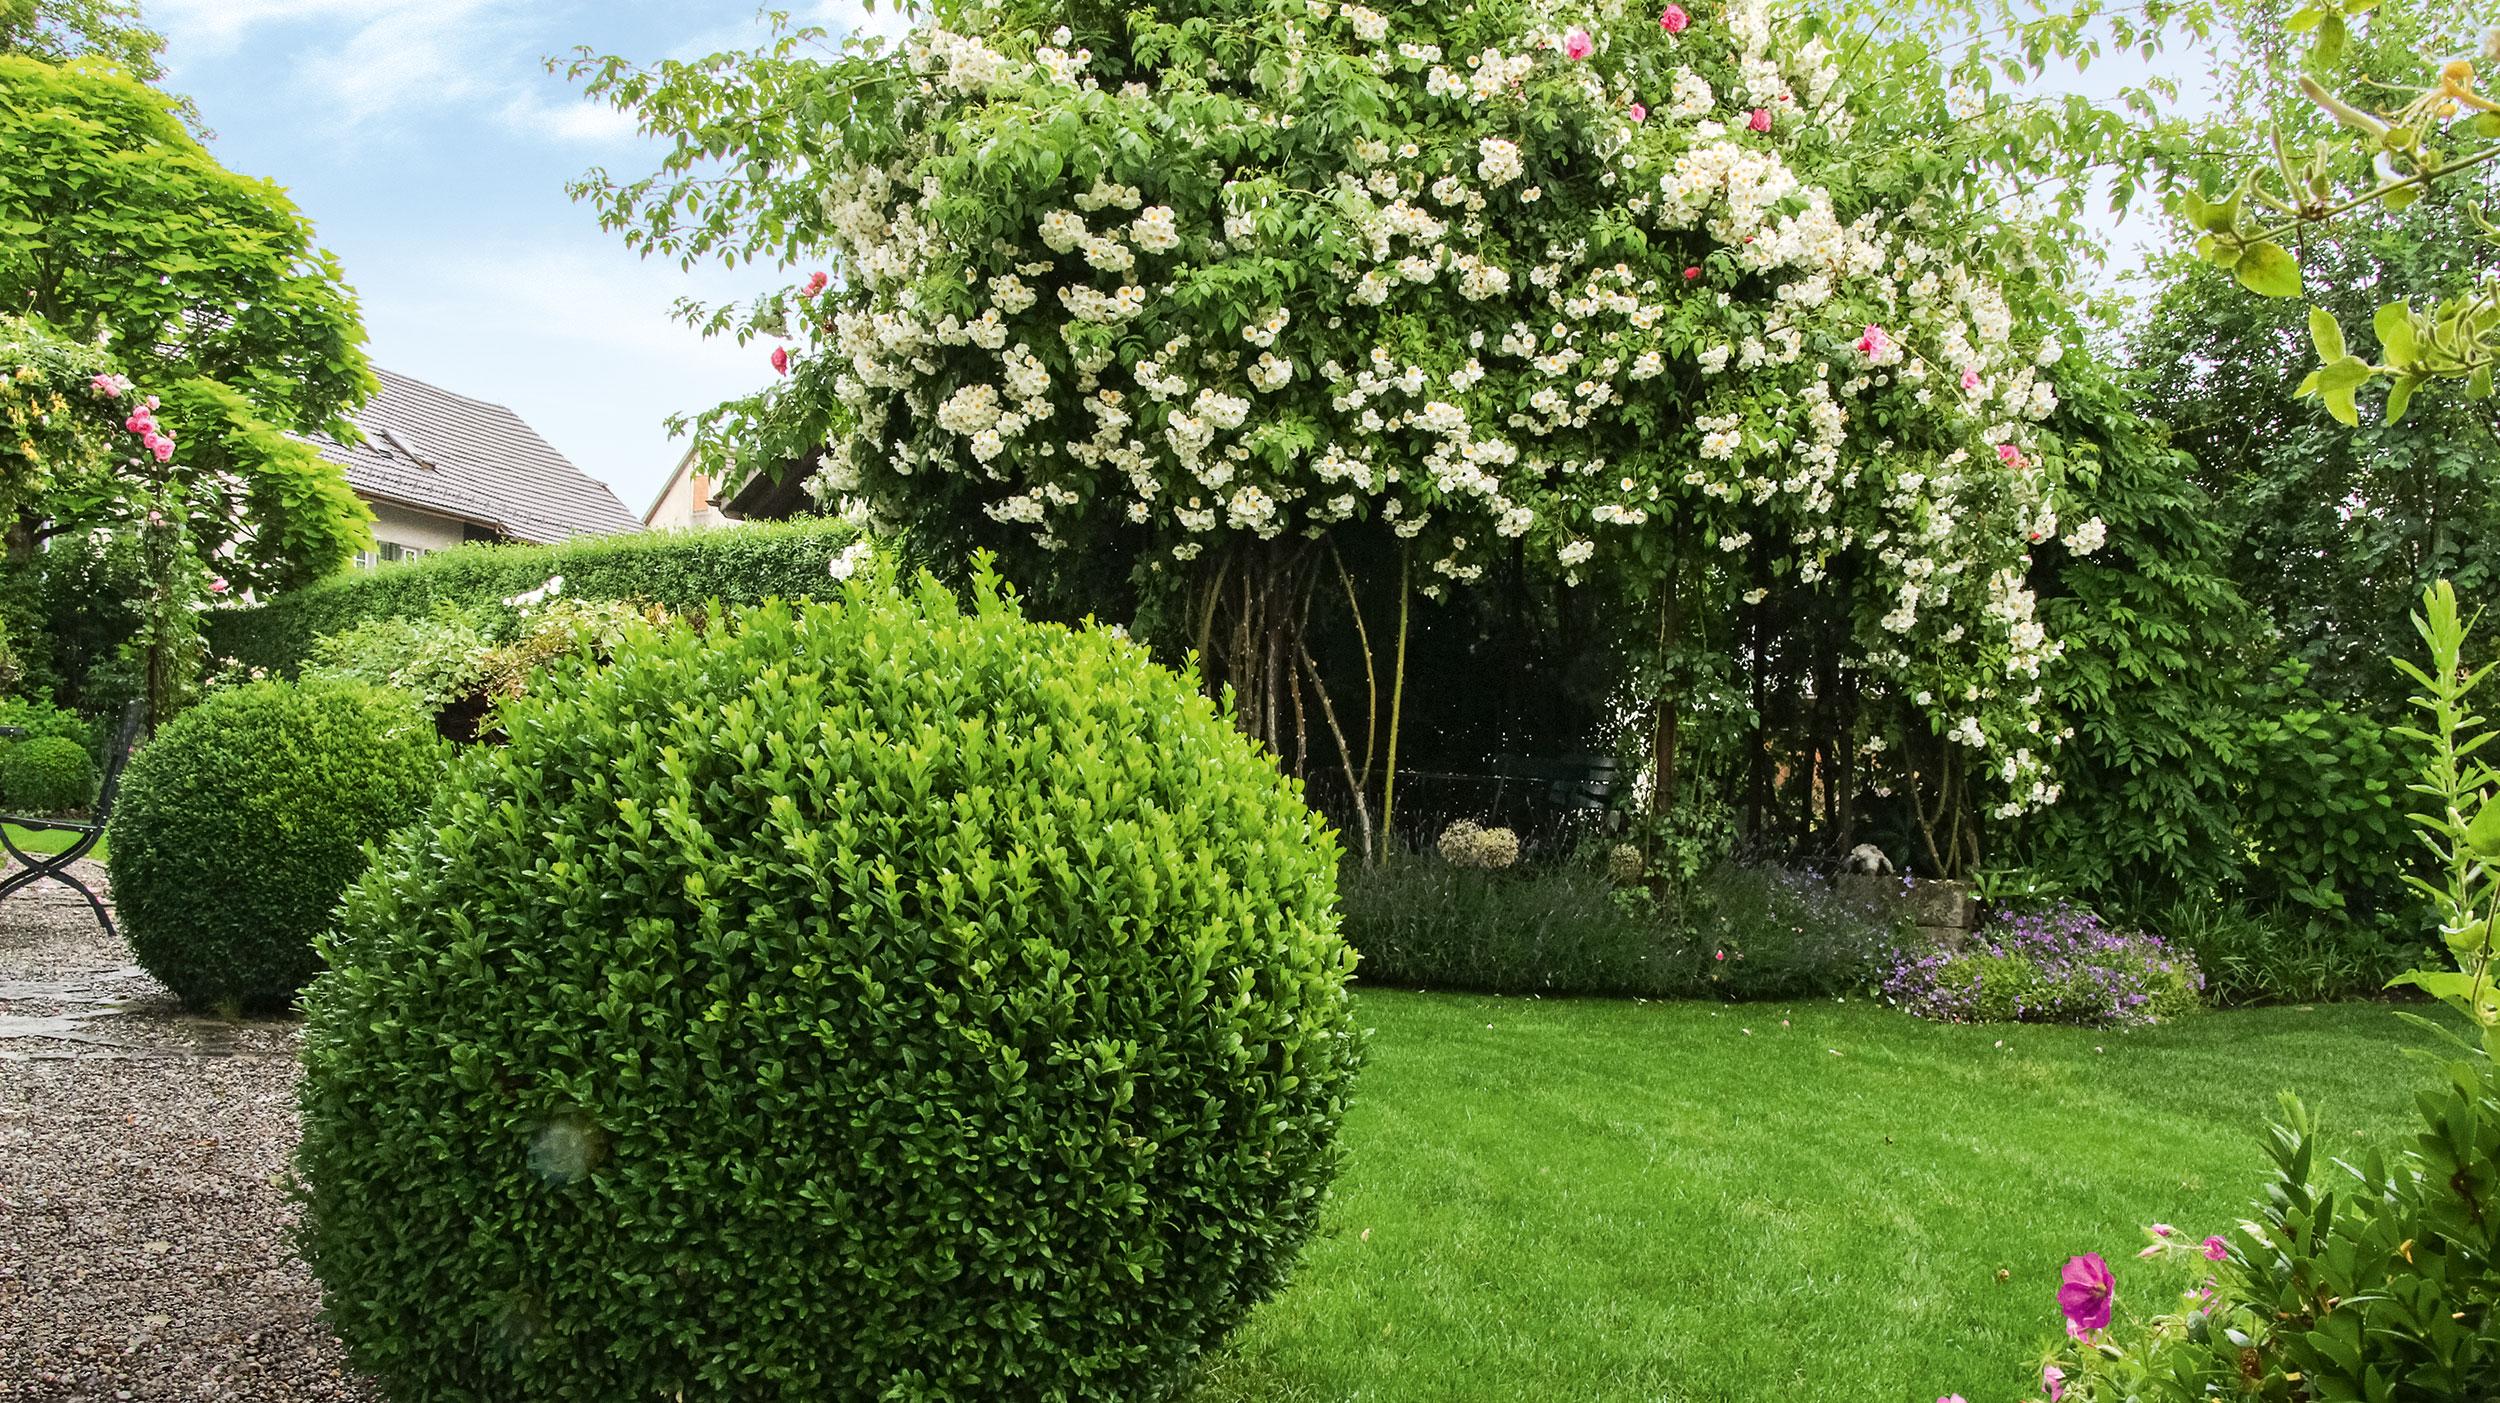 Liebeserklärung an England: Cottage-Garden anlegen